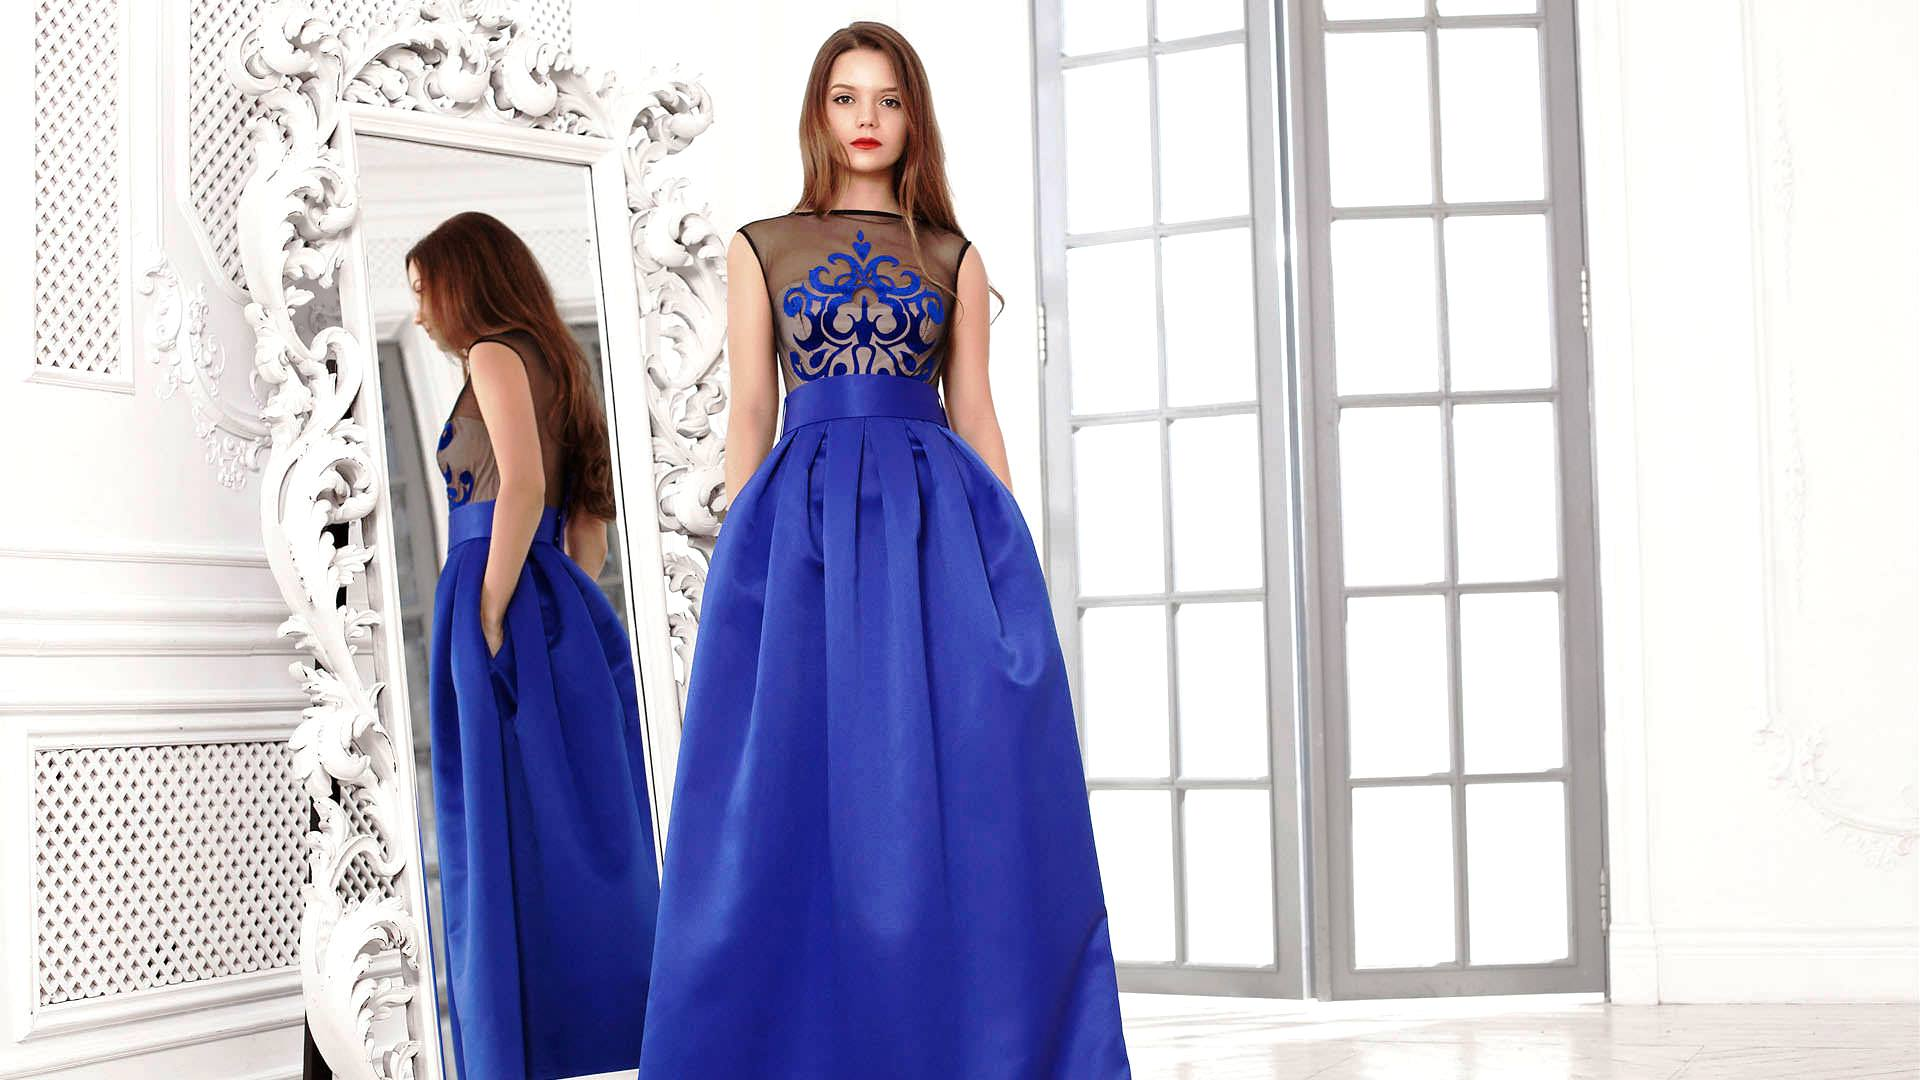 Вечернее Платье Купить А Самаре Легкое